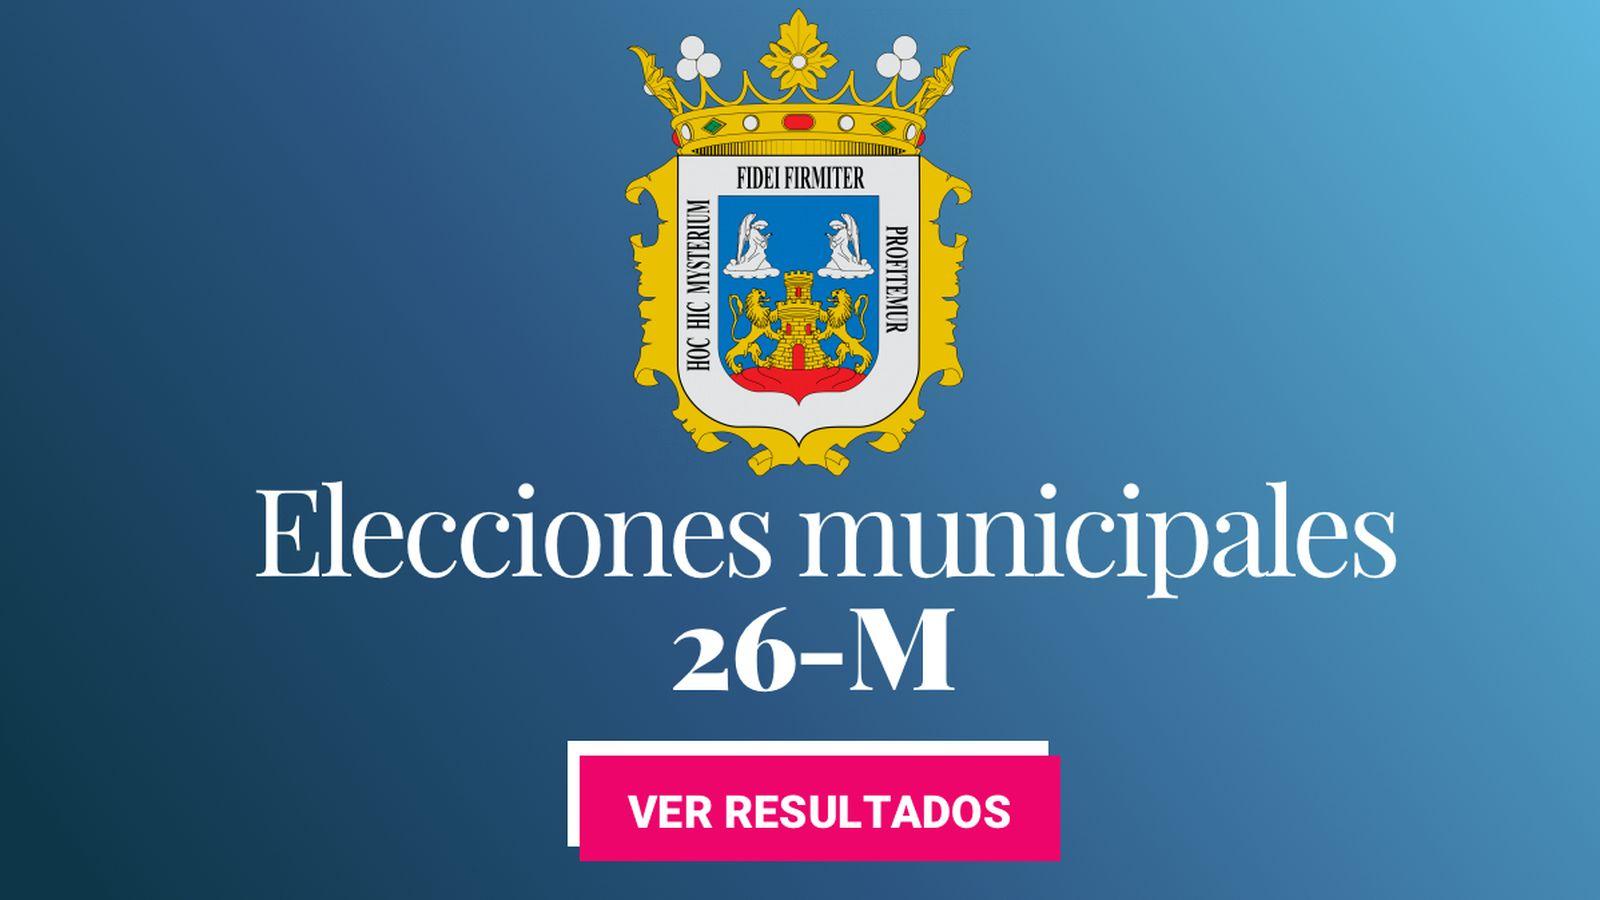 Foto: Elecciones municipales 2019 en Lugo. (C.C./EC)